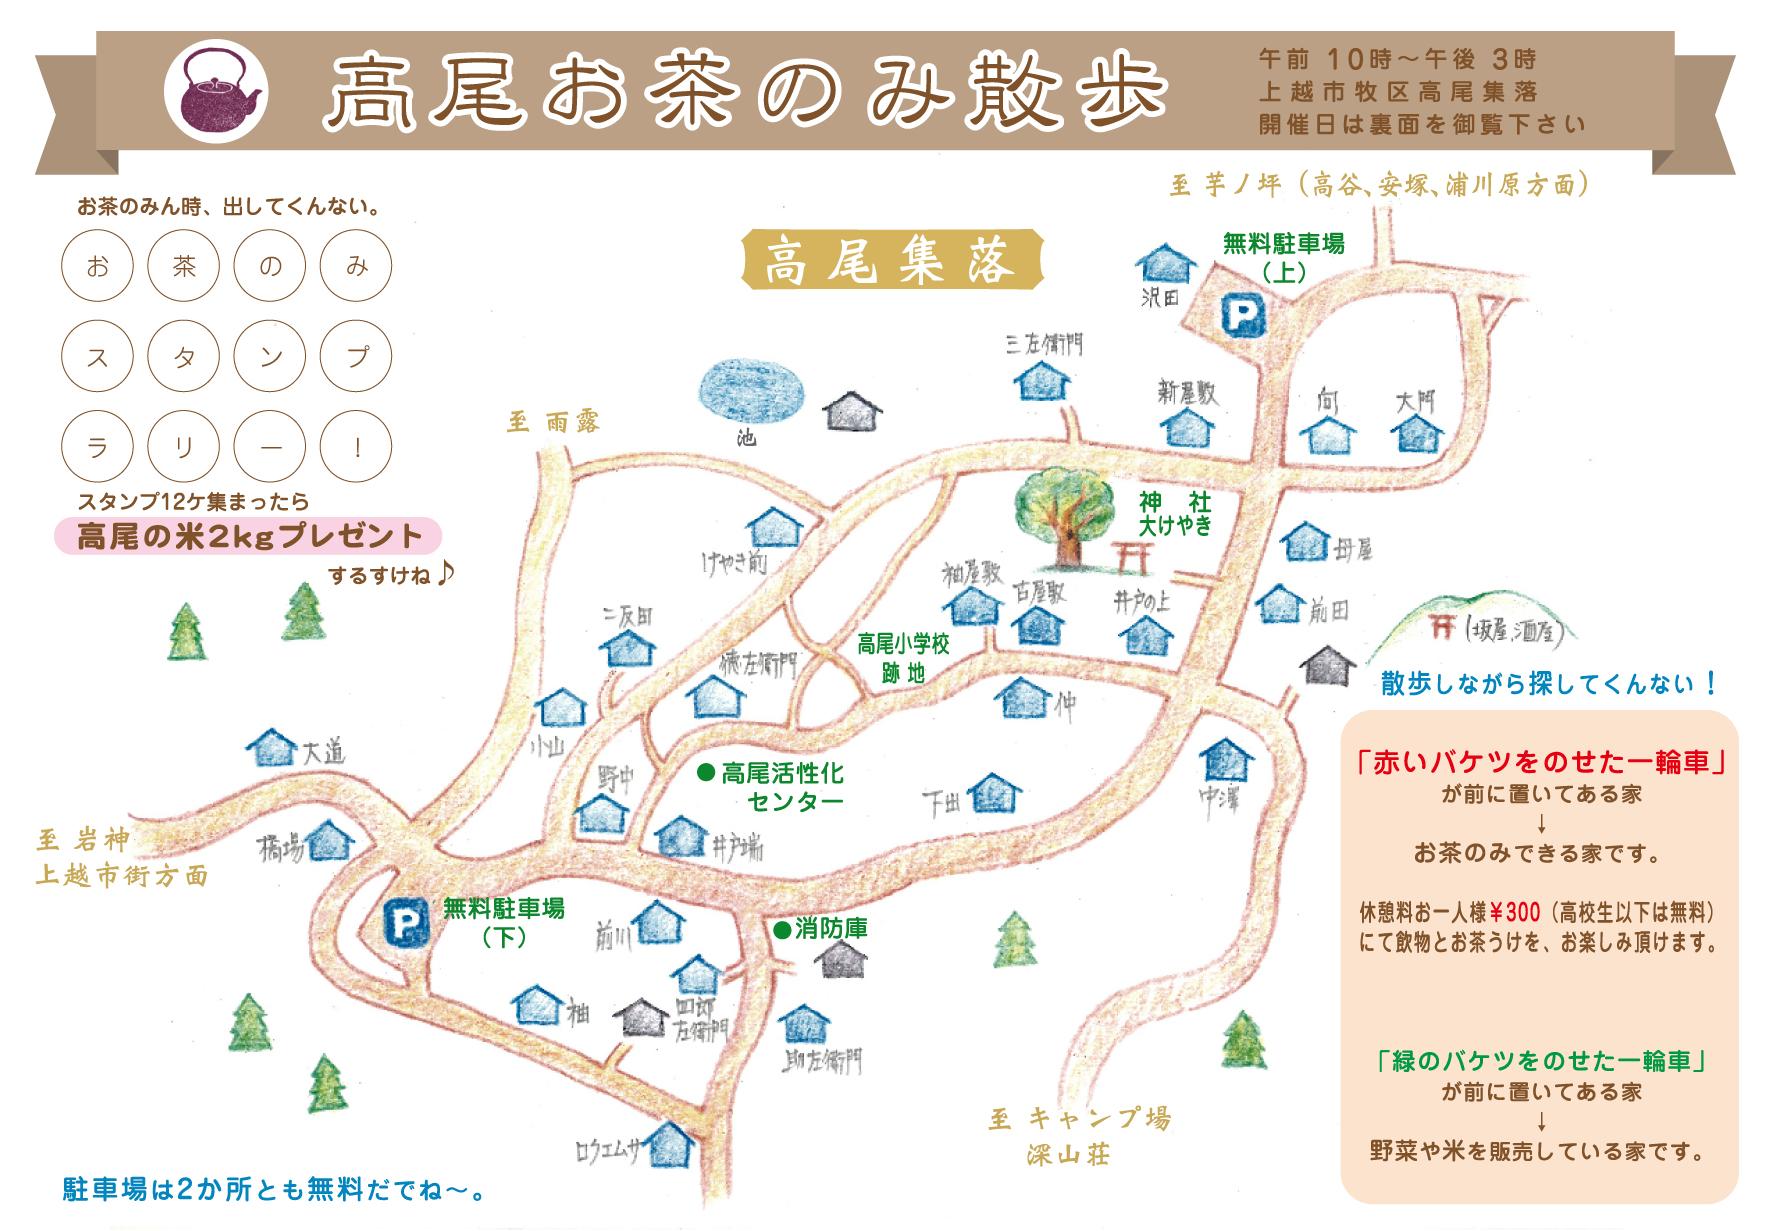 お茶のみ散歩マップ2表